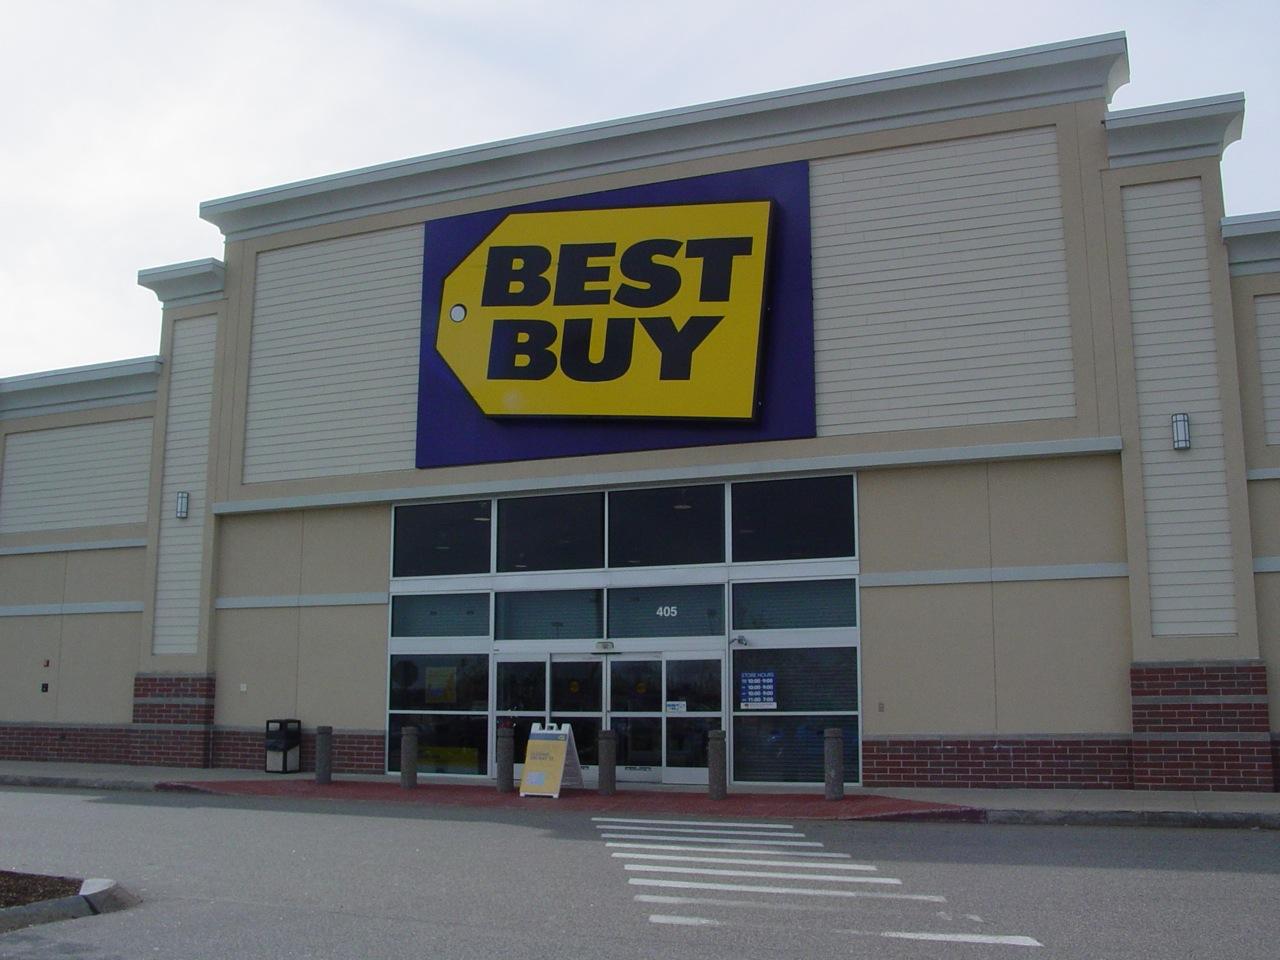 Best Buy closing its doors